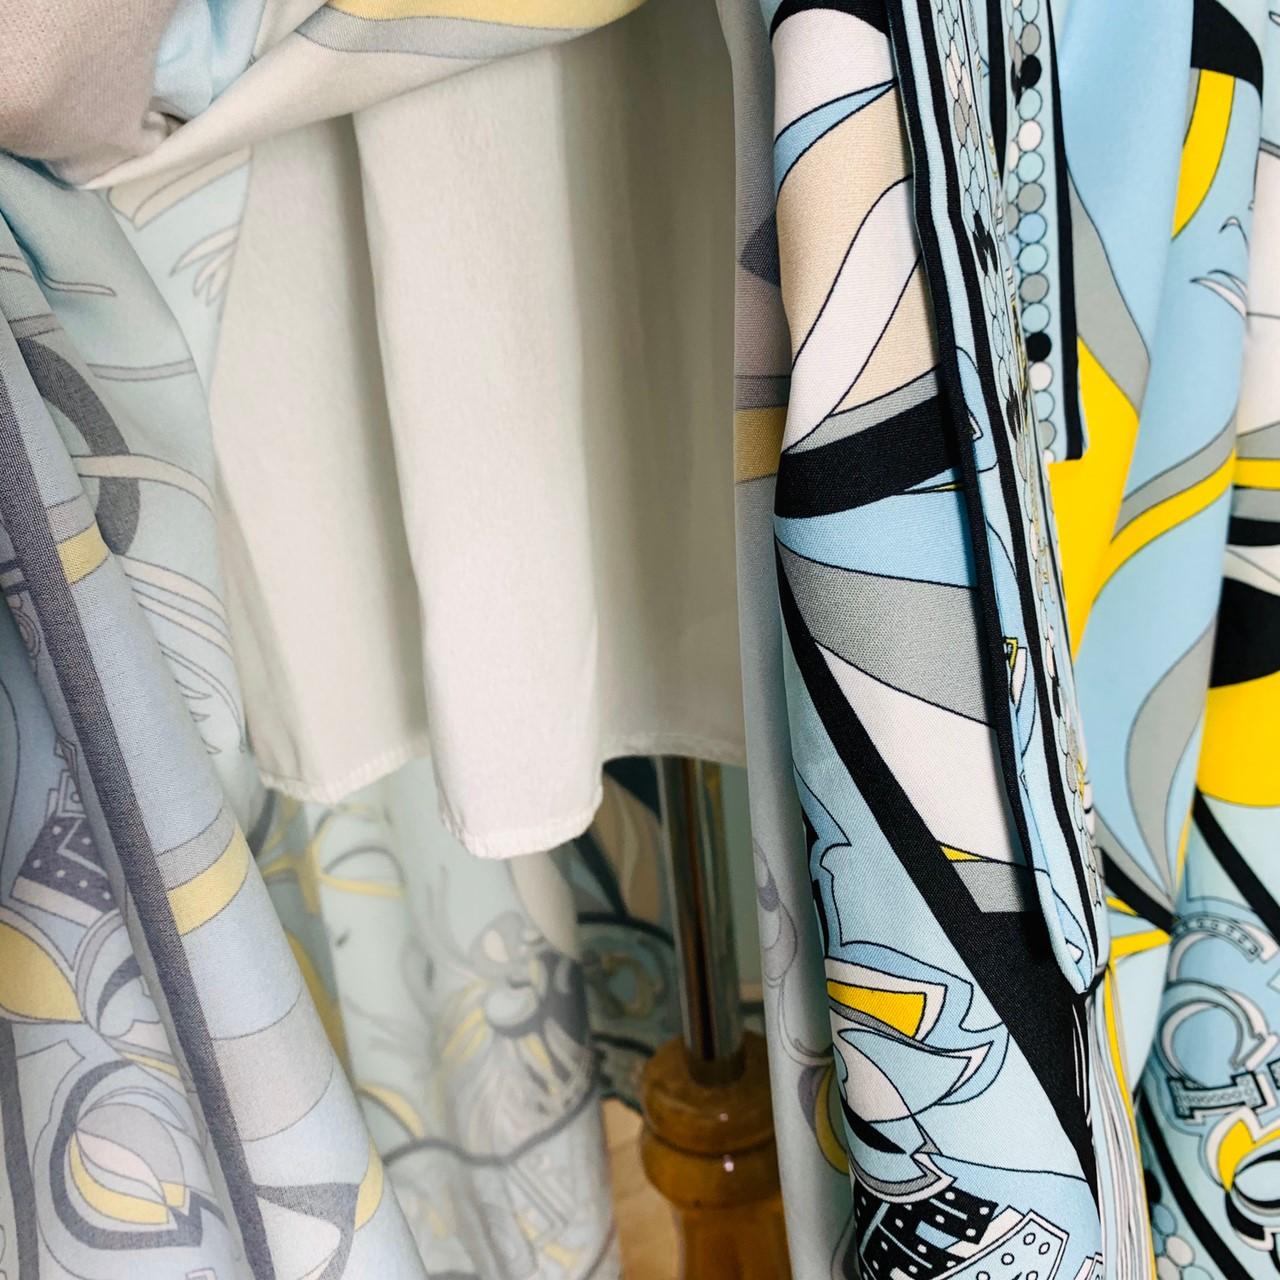 【即納】韓国 ファッション ワンピース パーティードレス ひざ丈 ミディアム 夏 春 パーティー ブライダル SPTXF023 結婚式 お呼ばれ リゾートワンピース ハワイ  二次会 セレブ きれいめの写真20枚目